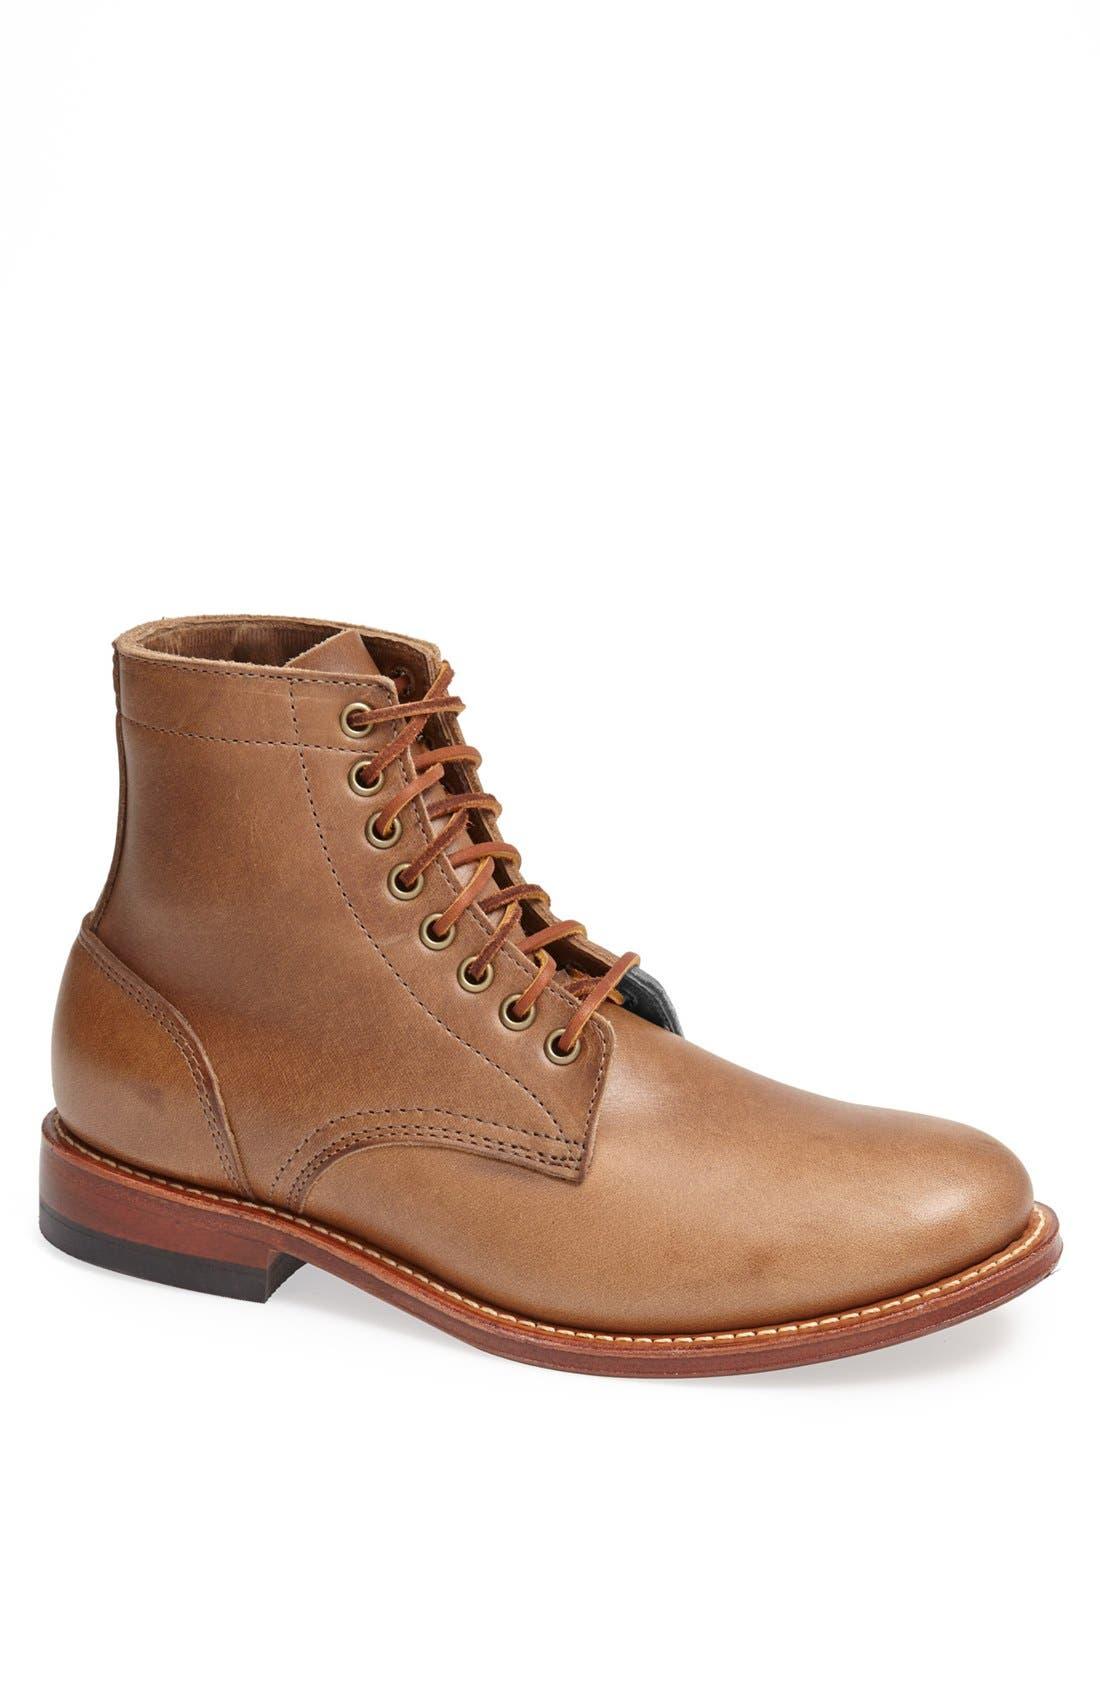 Plain Toe Trench Boot,                             Main thumbnail 1, color,                             NATURAL BROWN